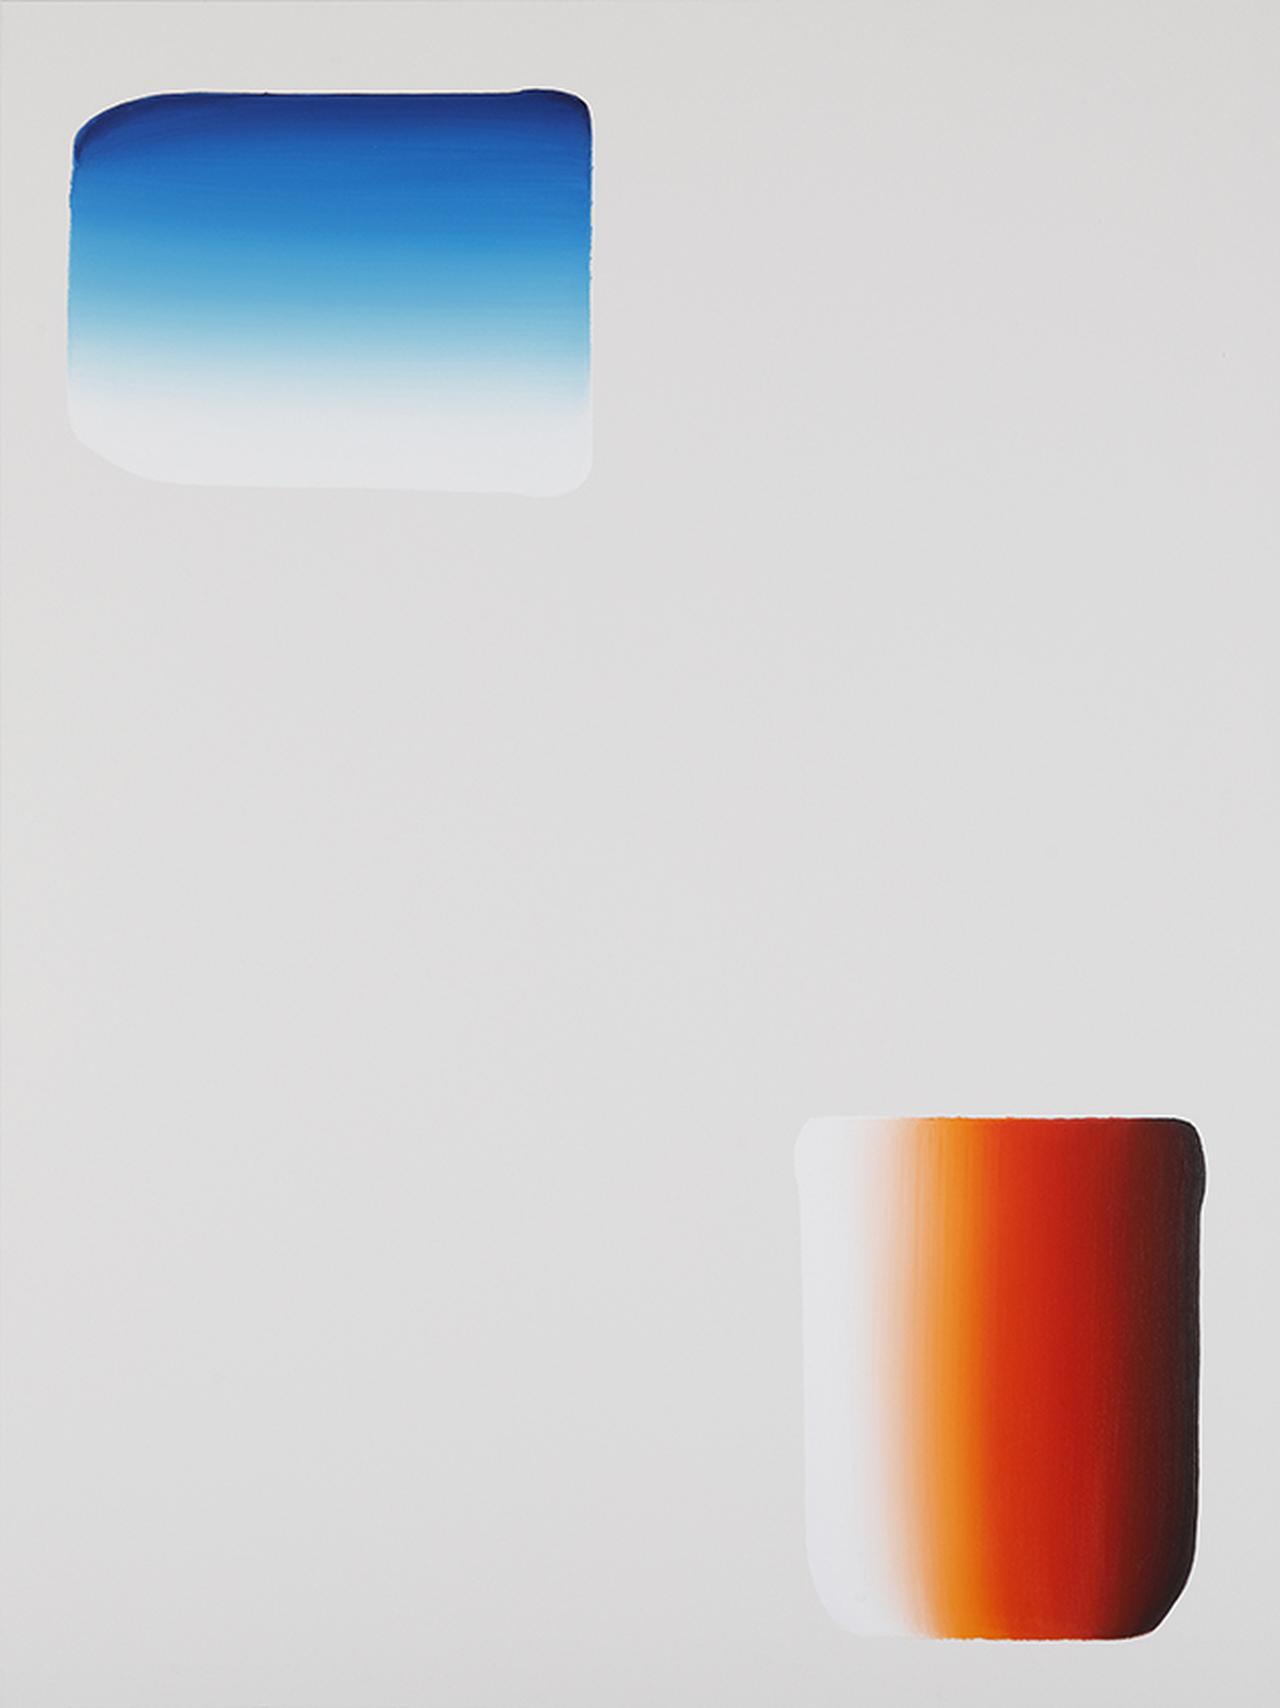 画像: 李禹煥《対話》2020年 アクリル絵具、キャンバス 291×218 cm